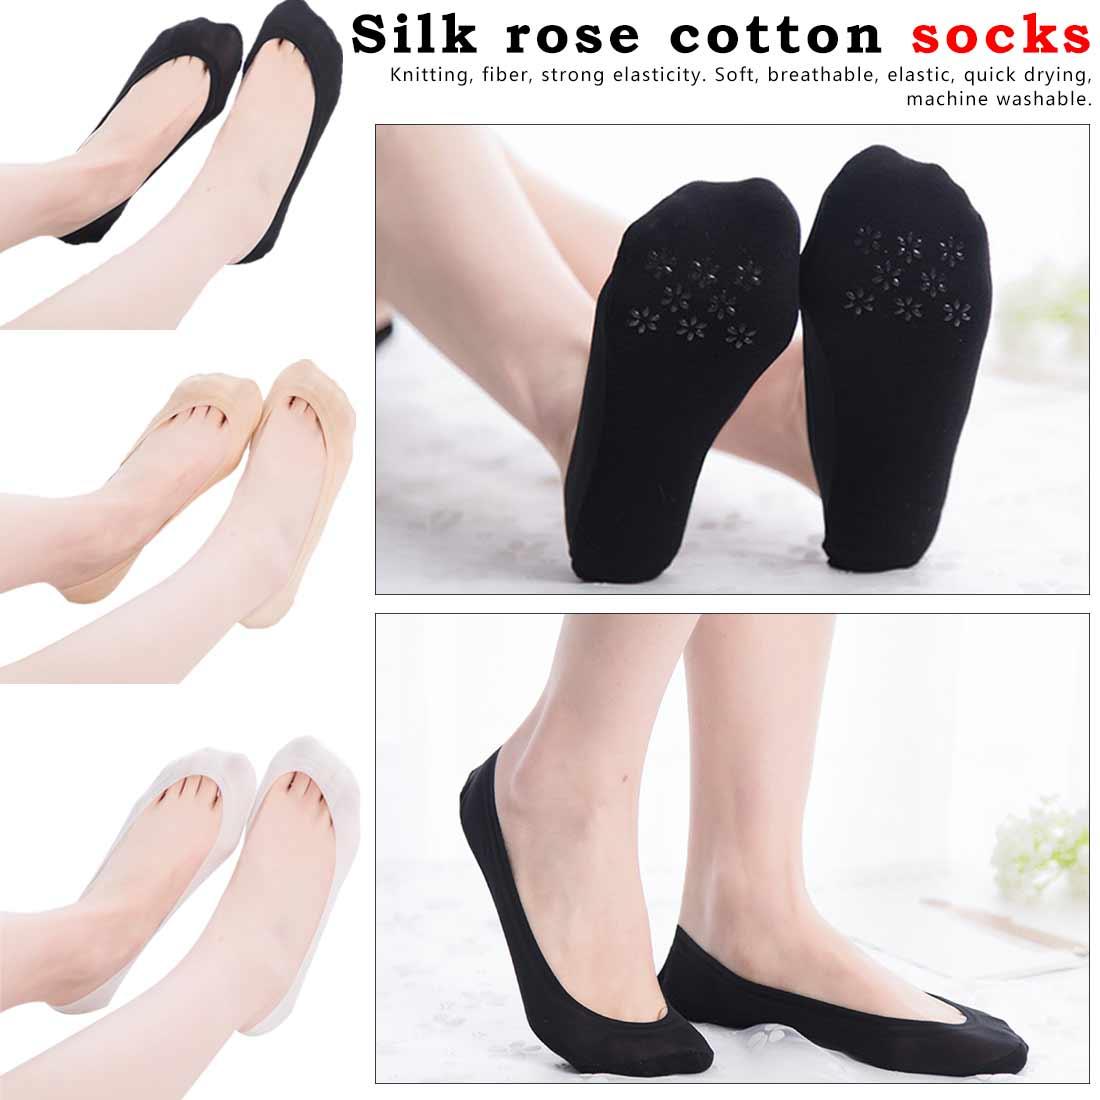 2 Stuks 1 Paar Boot Sokken Voor Vrouwen Slippers Zomer Onzichtbare Sokken No Show Non Slip Siliconen Gel Schoen Voering Vrouw Sokken Calcetines Goedkoopste Prijs Van Onze Site